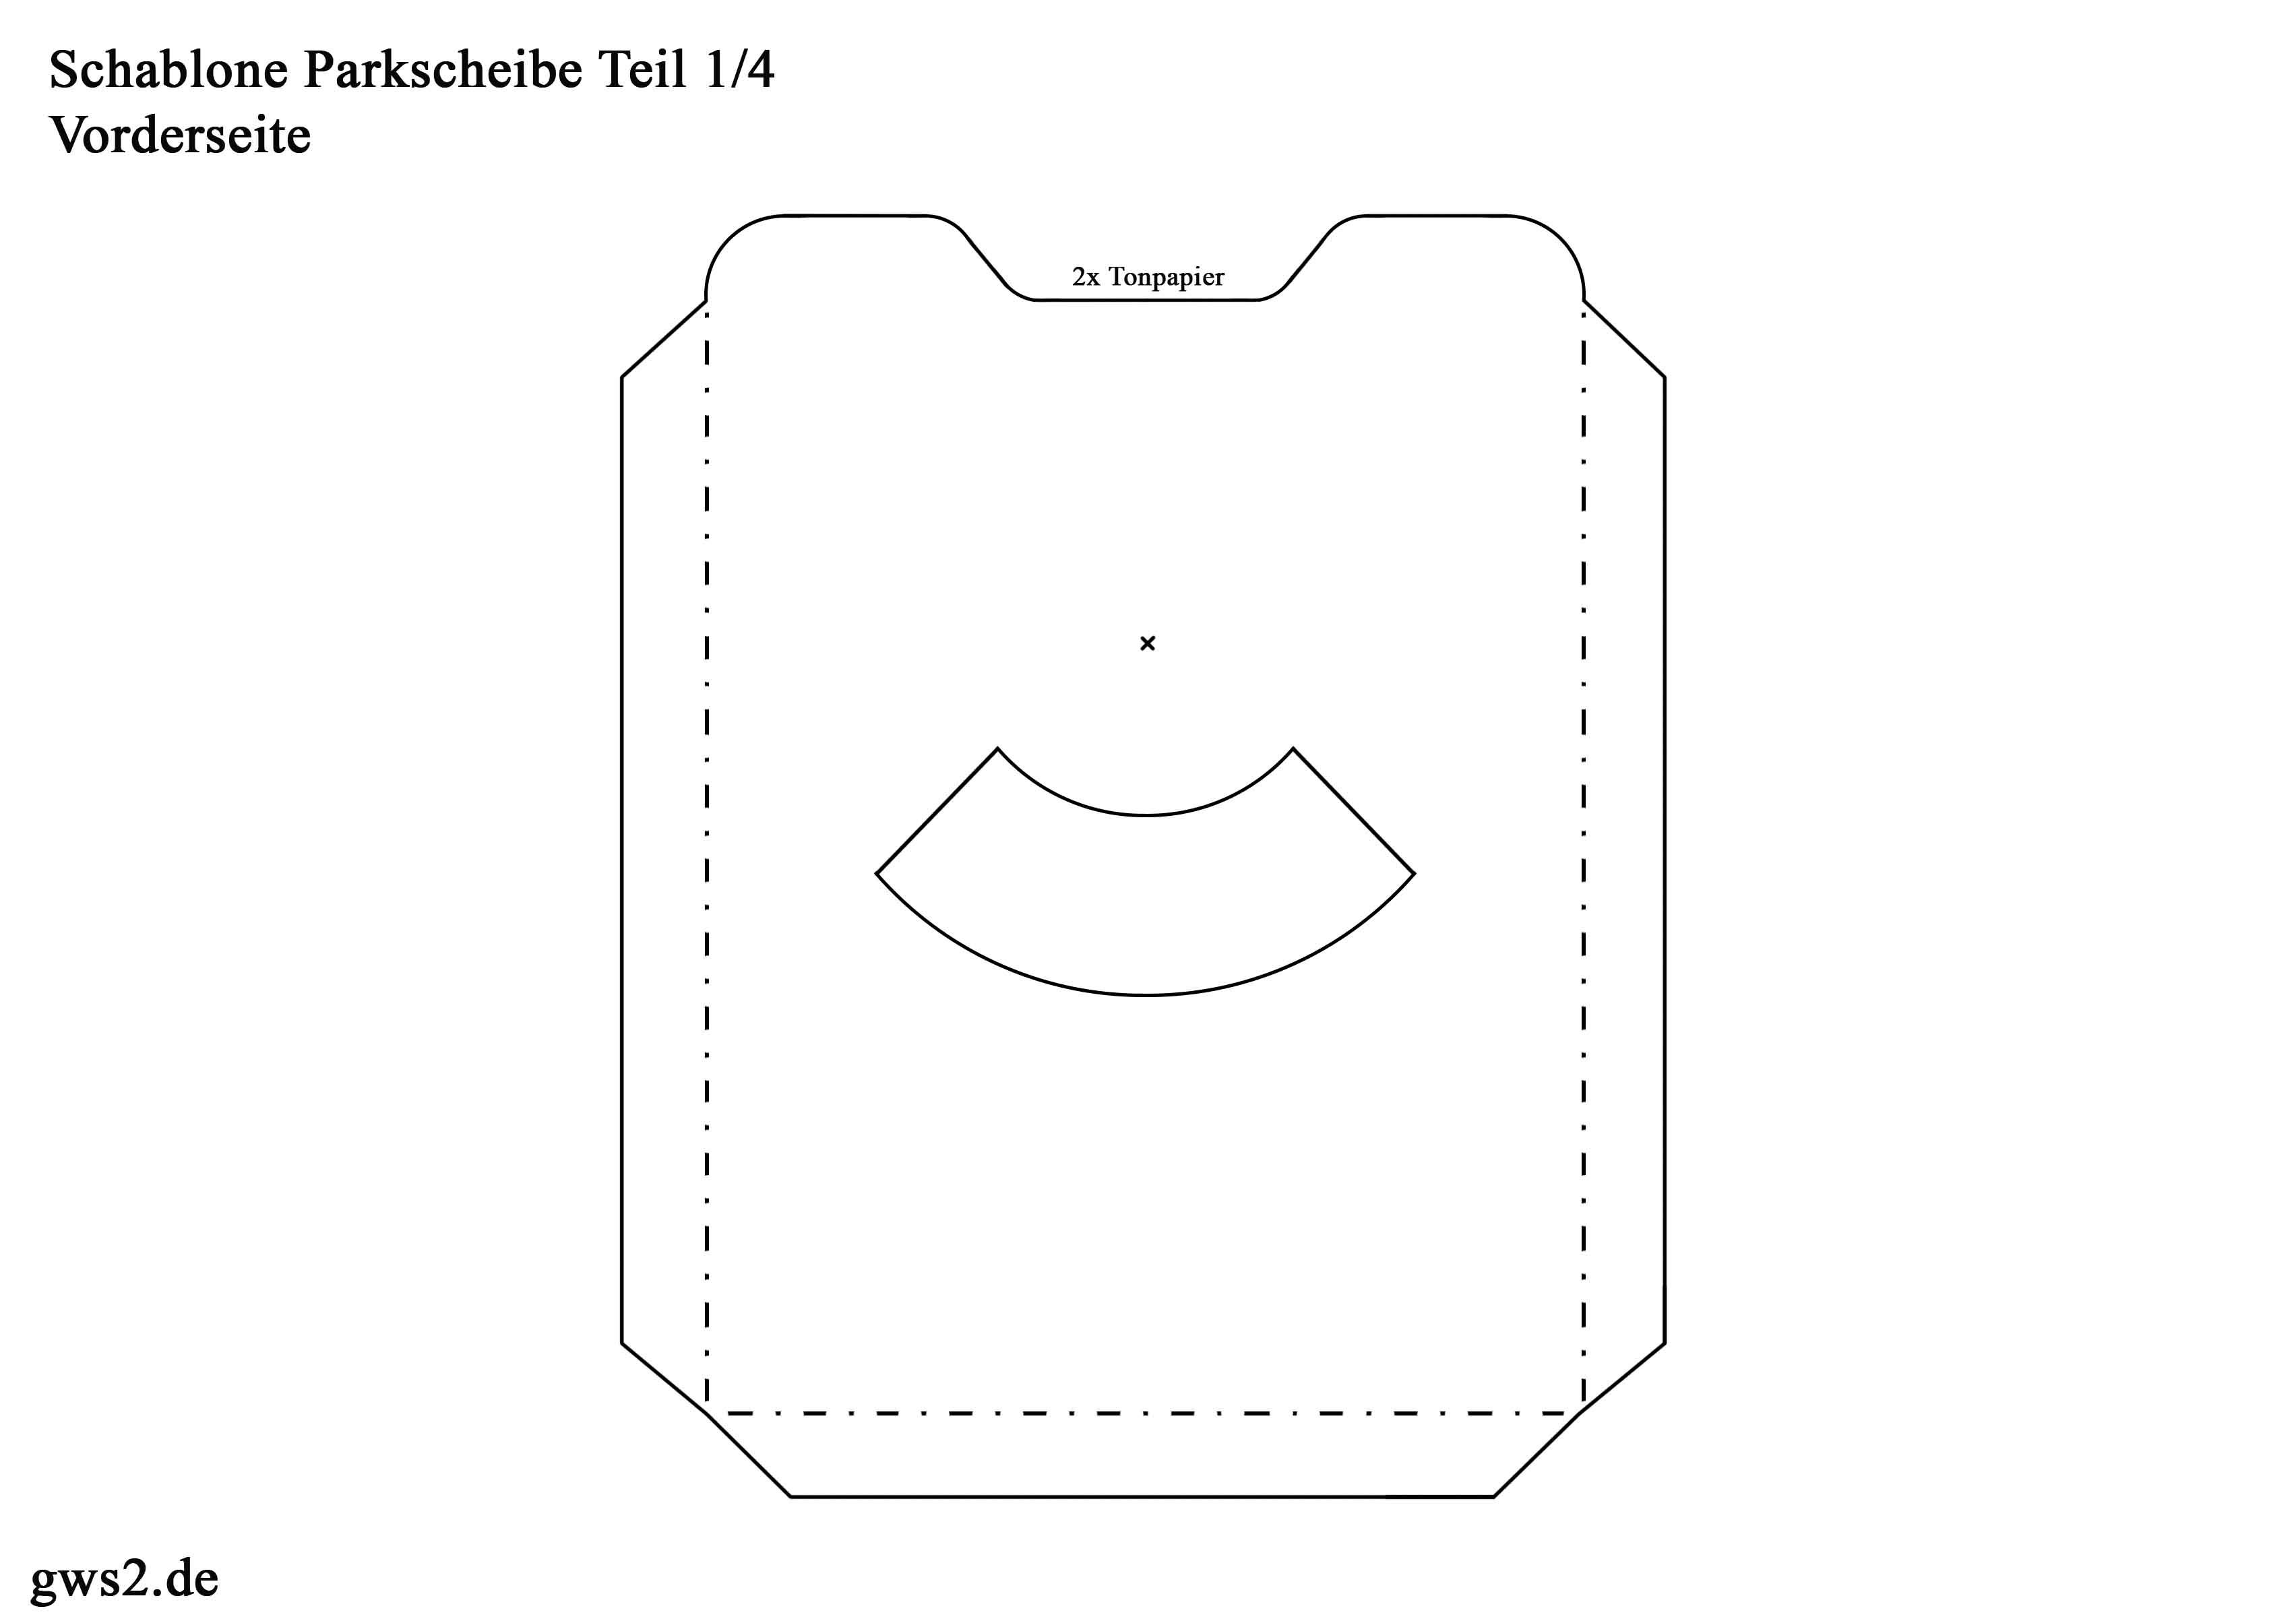 parkscheibe basteln my blog. Black Bedroom Furniture Sets. Home Design Ideas